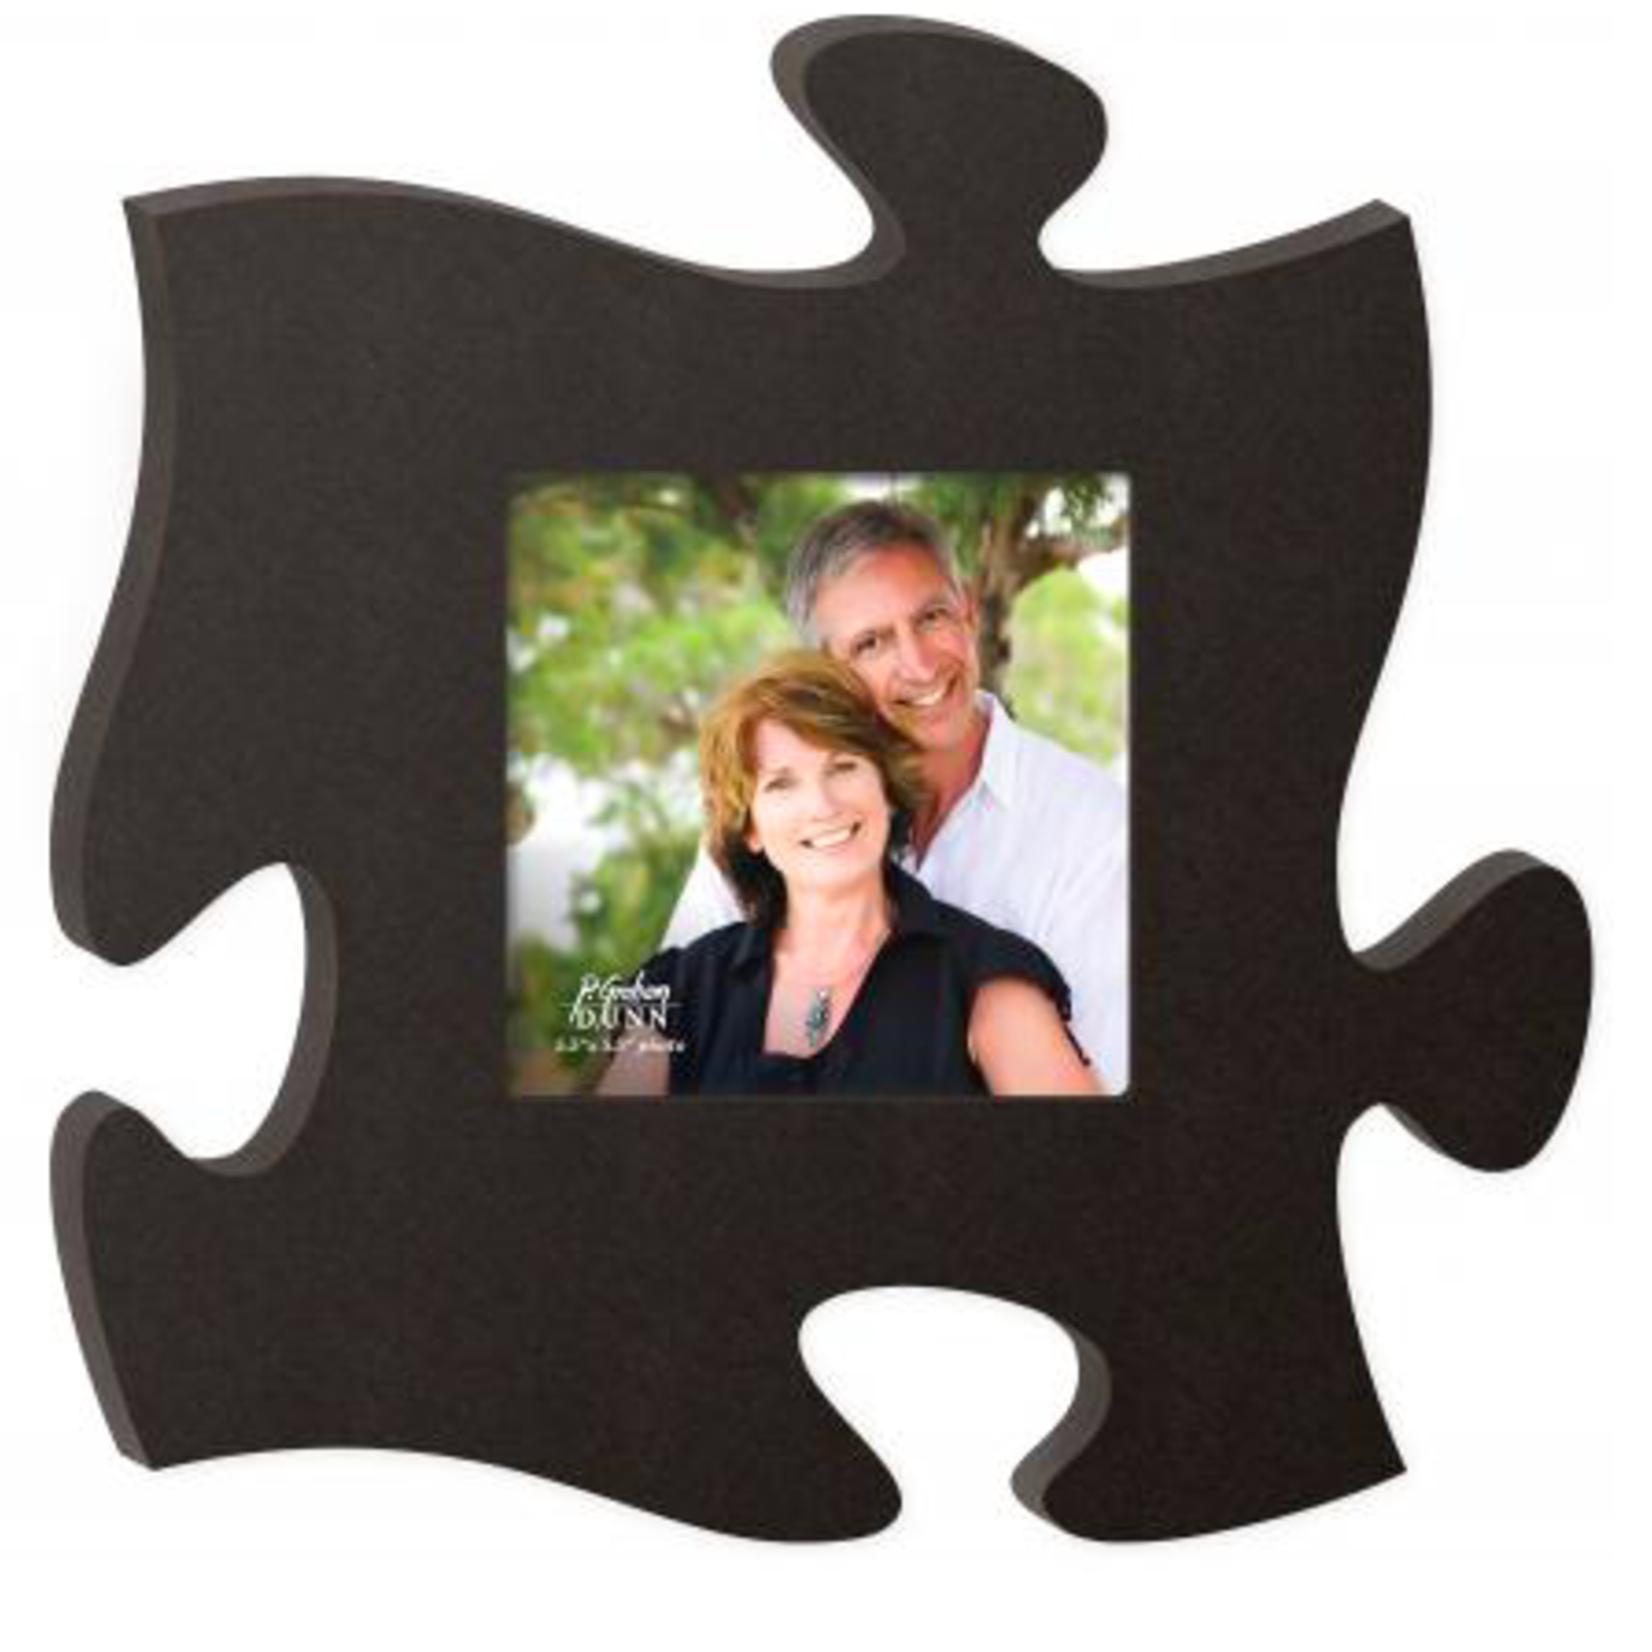 Puzzle - Black Plain